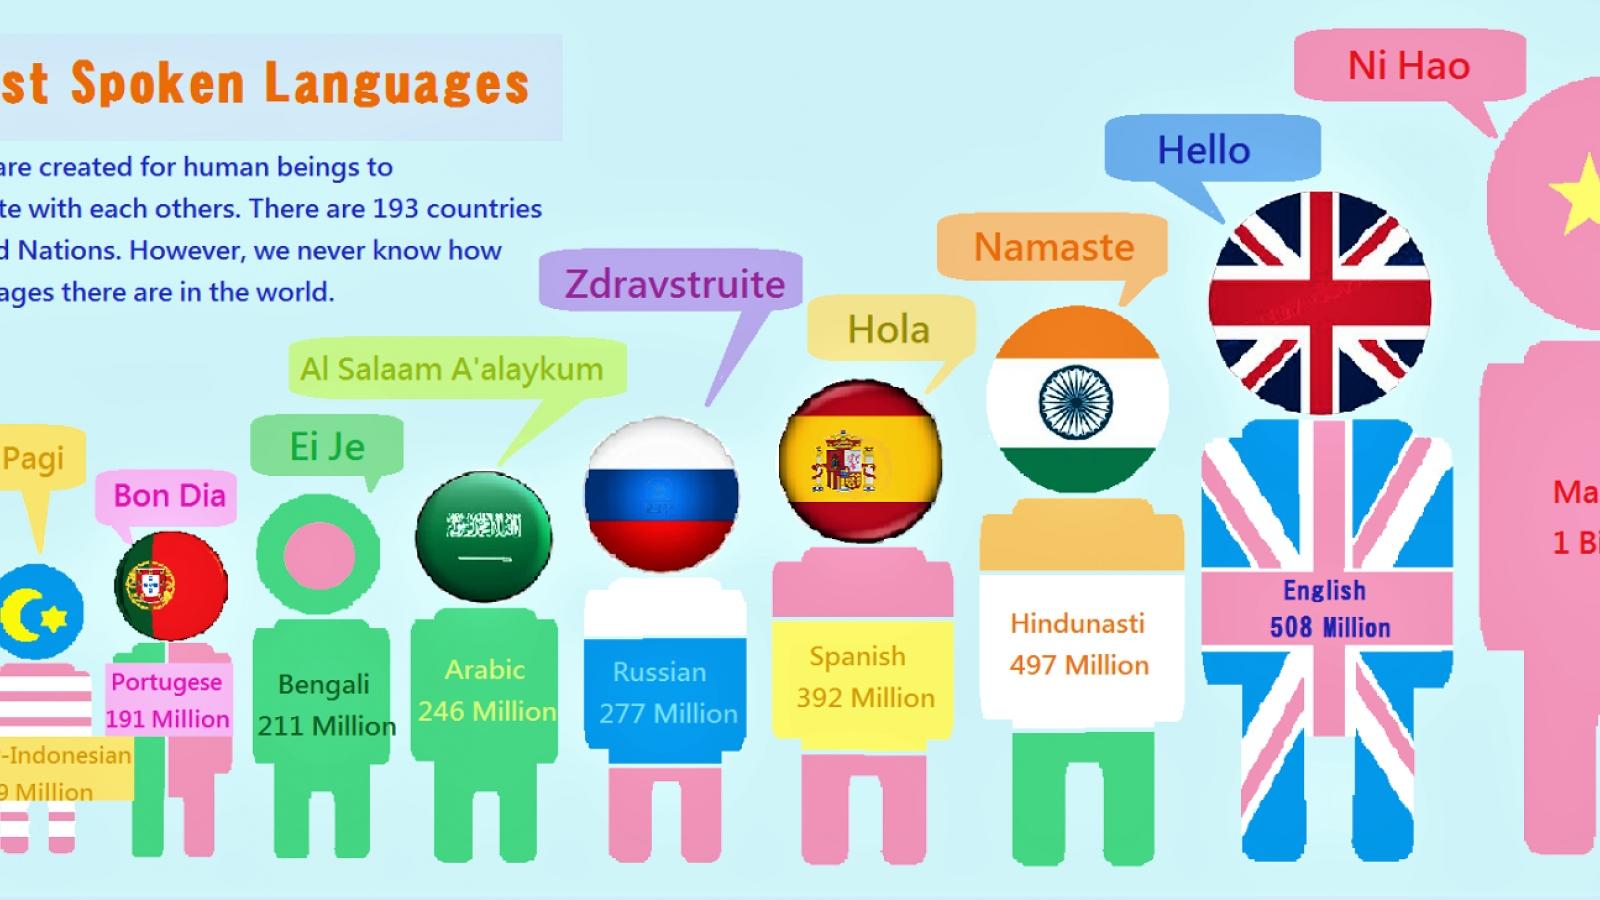 Tiếng Việt là ngôn ngữ phổ biến thứ 21 trên thế giới